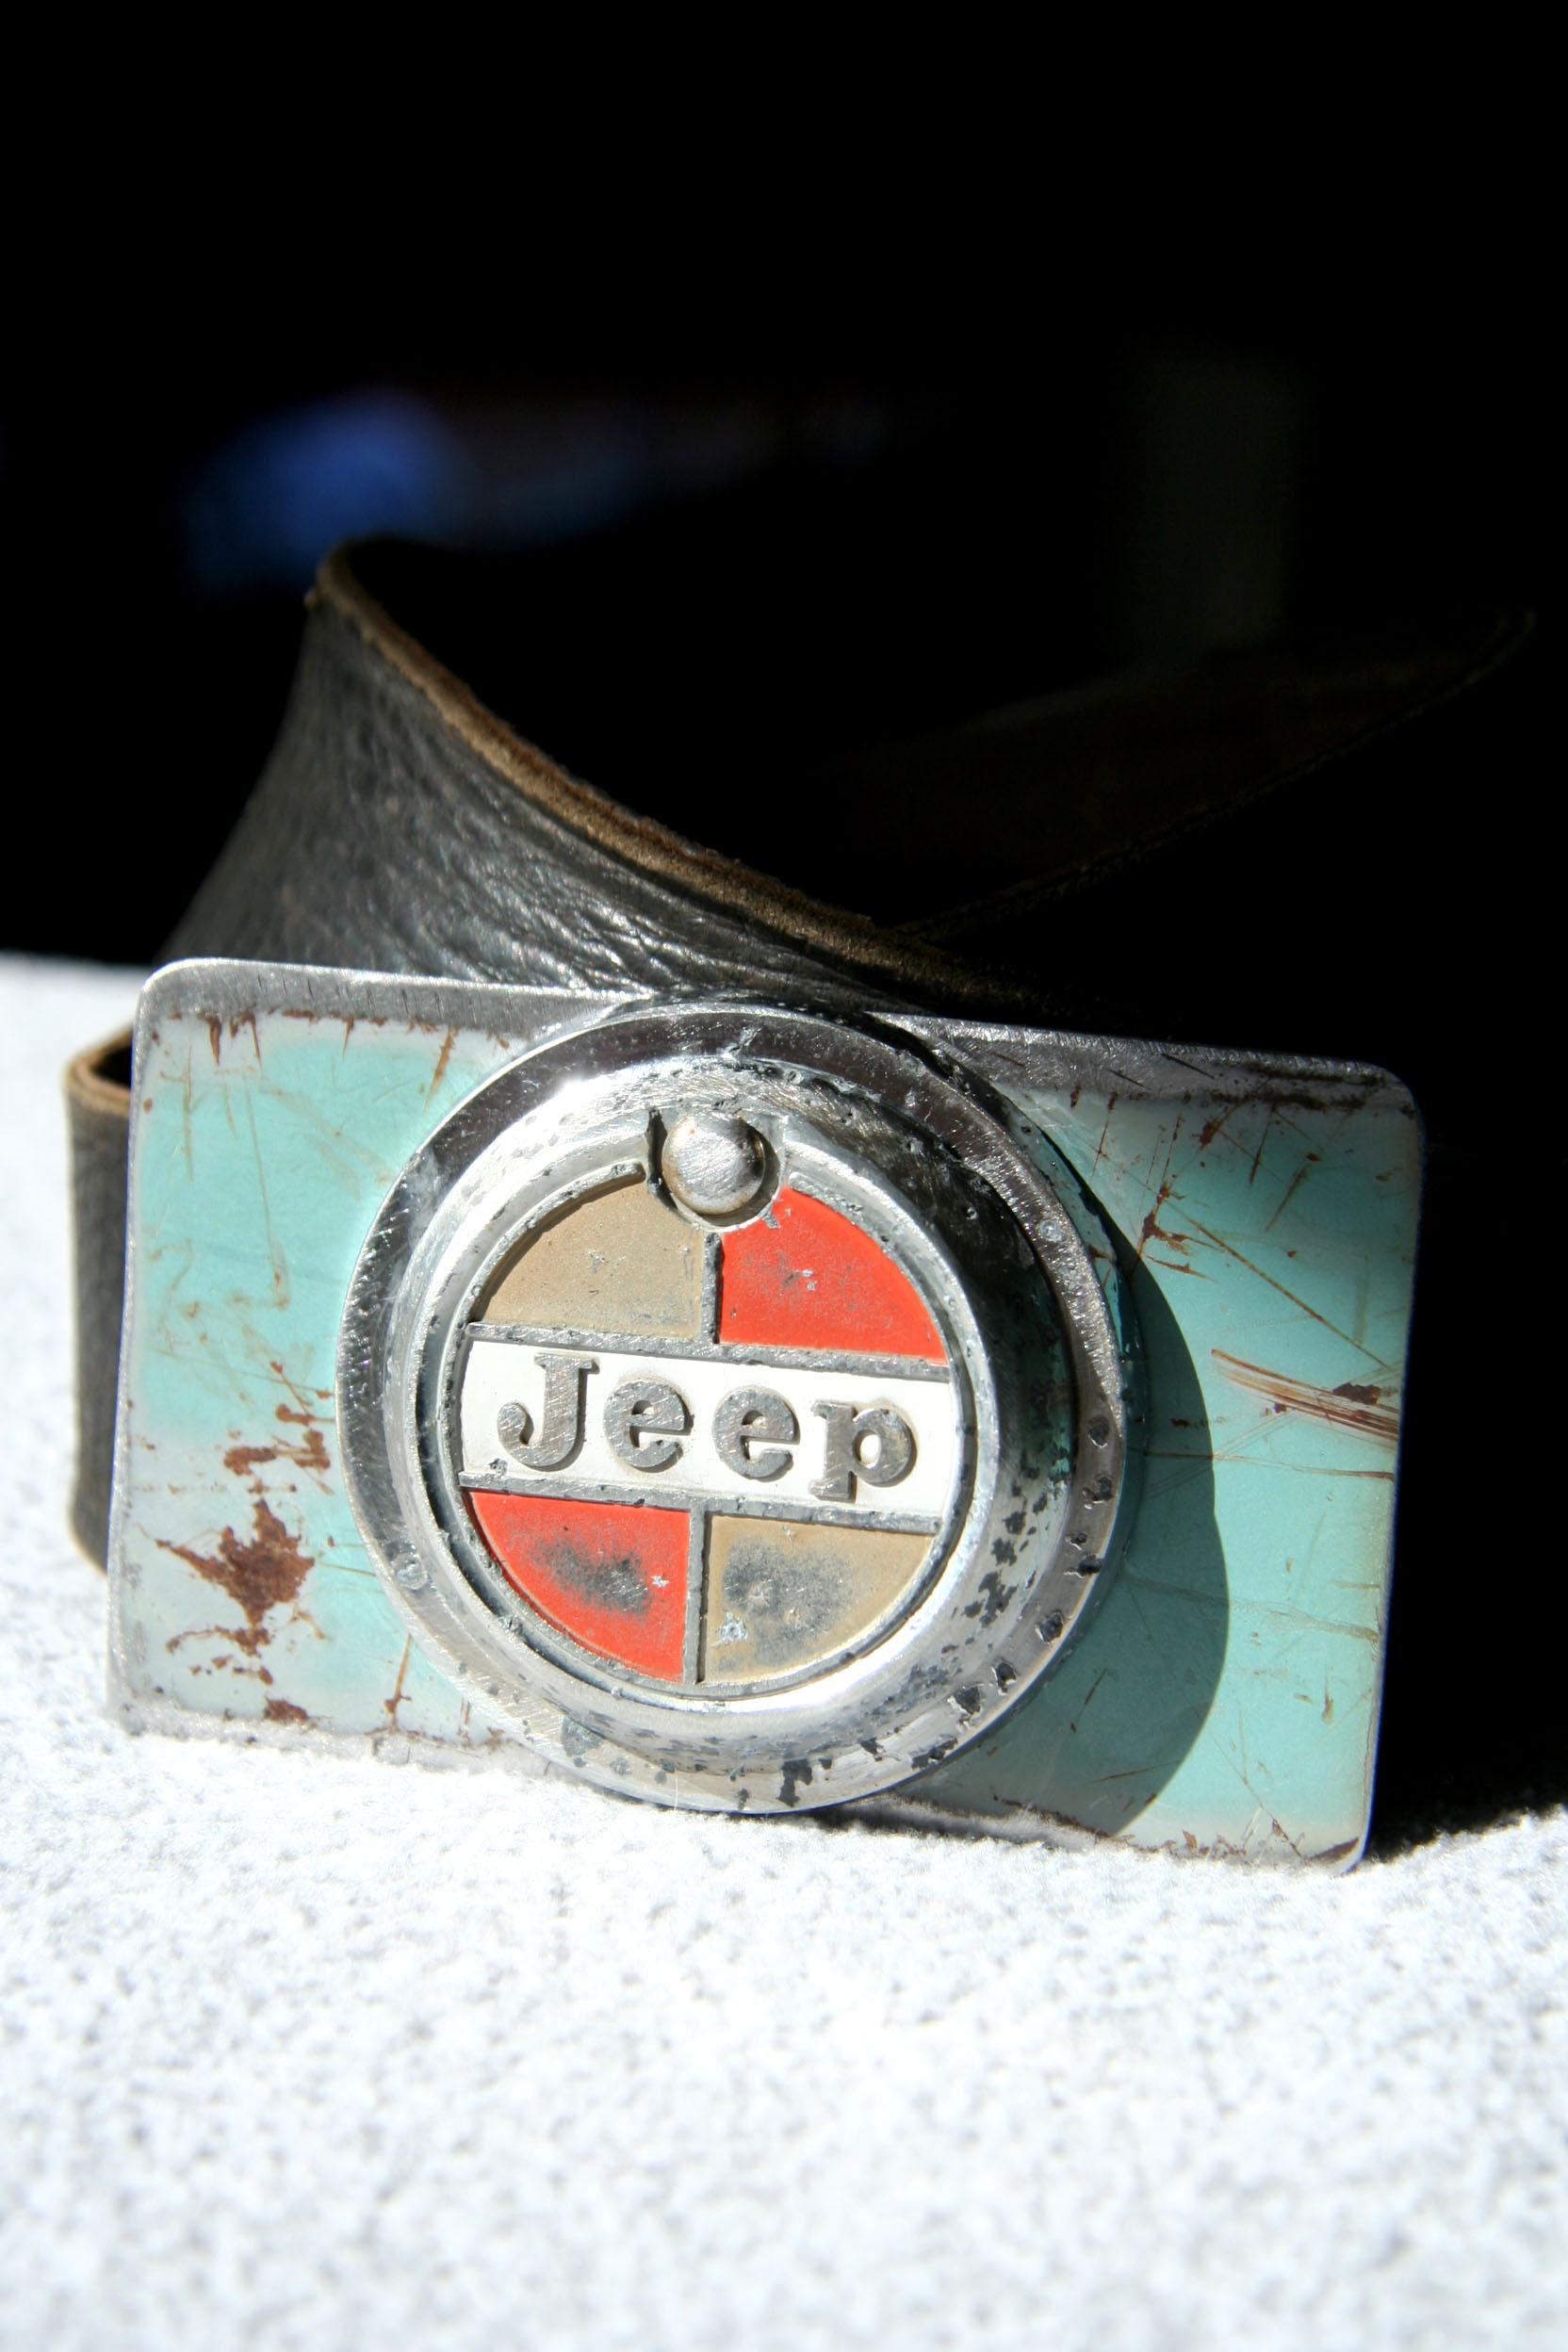 Jeep Rear exterior emblem #138.jpg